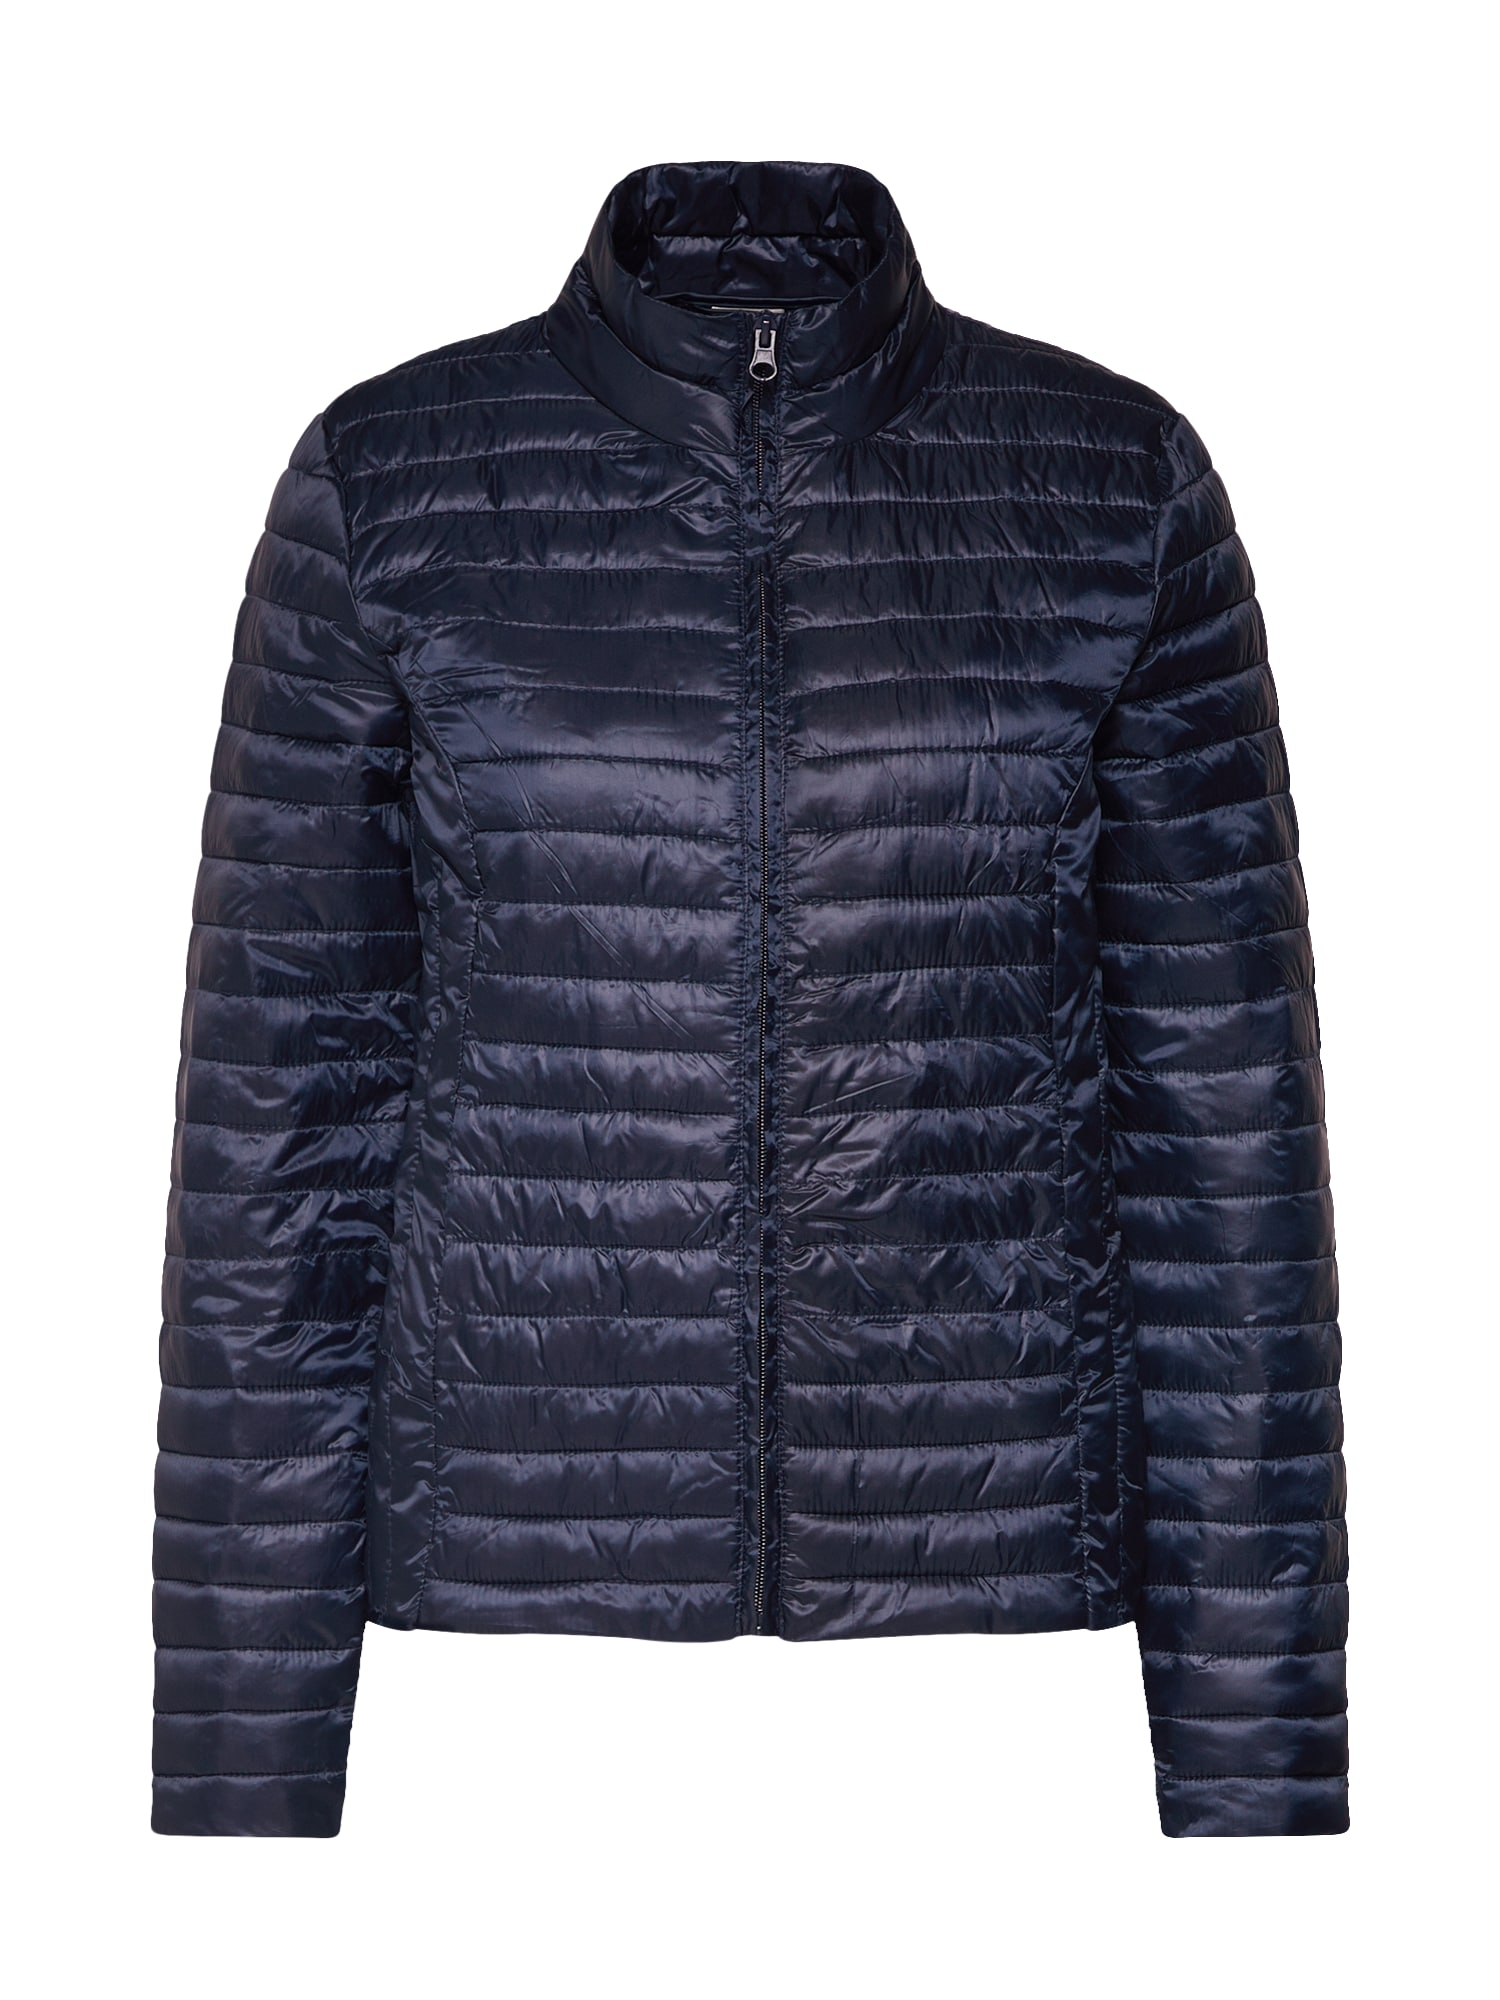 Přechodná bunda Maddy námořnická modř JACQUELINE De YONG